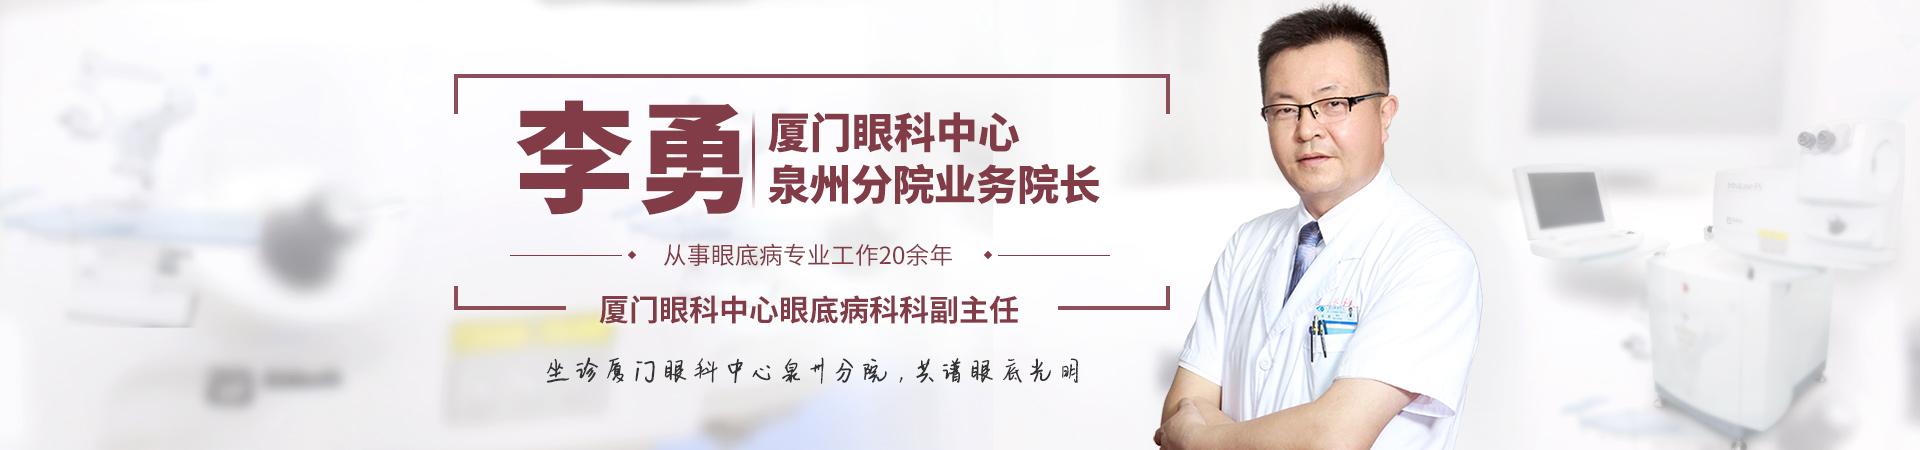 李勇 banner